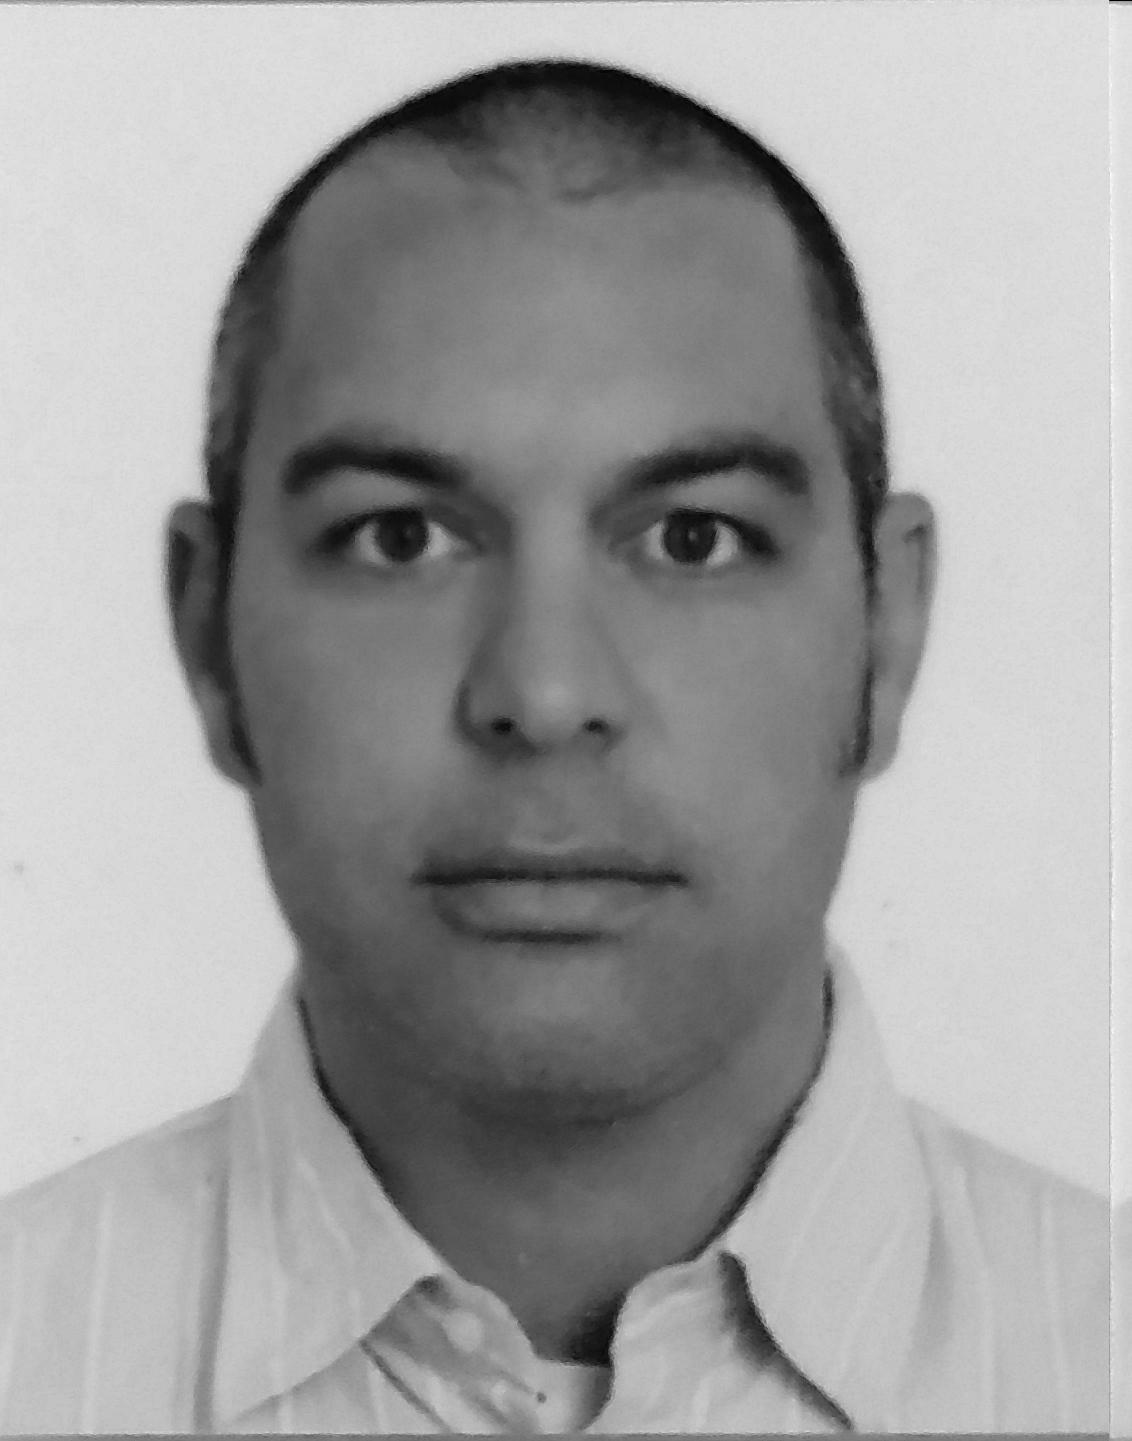 Formador avalado CARLOS BENITO HERNANDEZ MARTINEZ